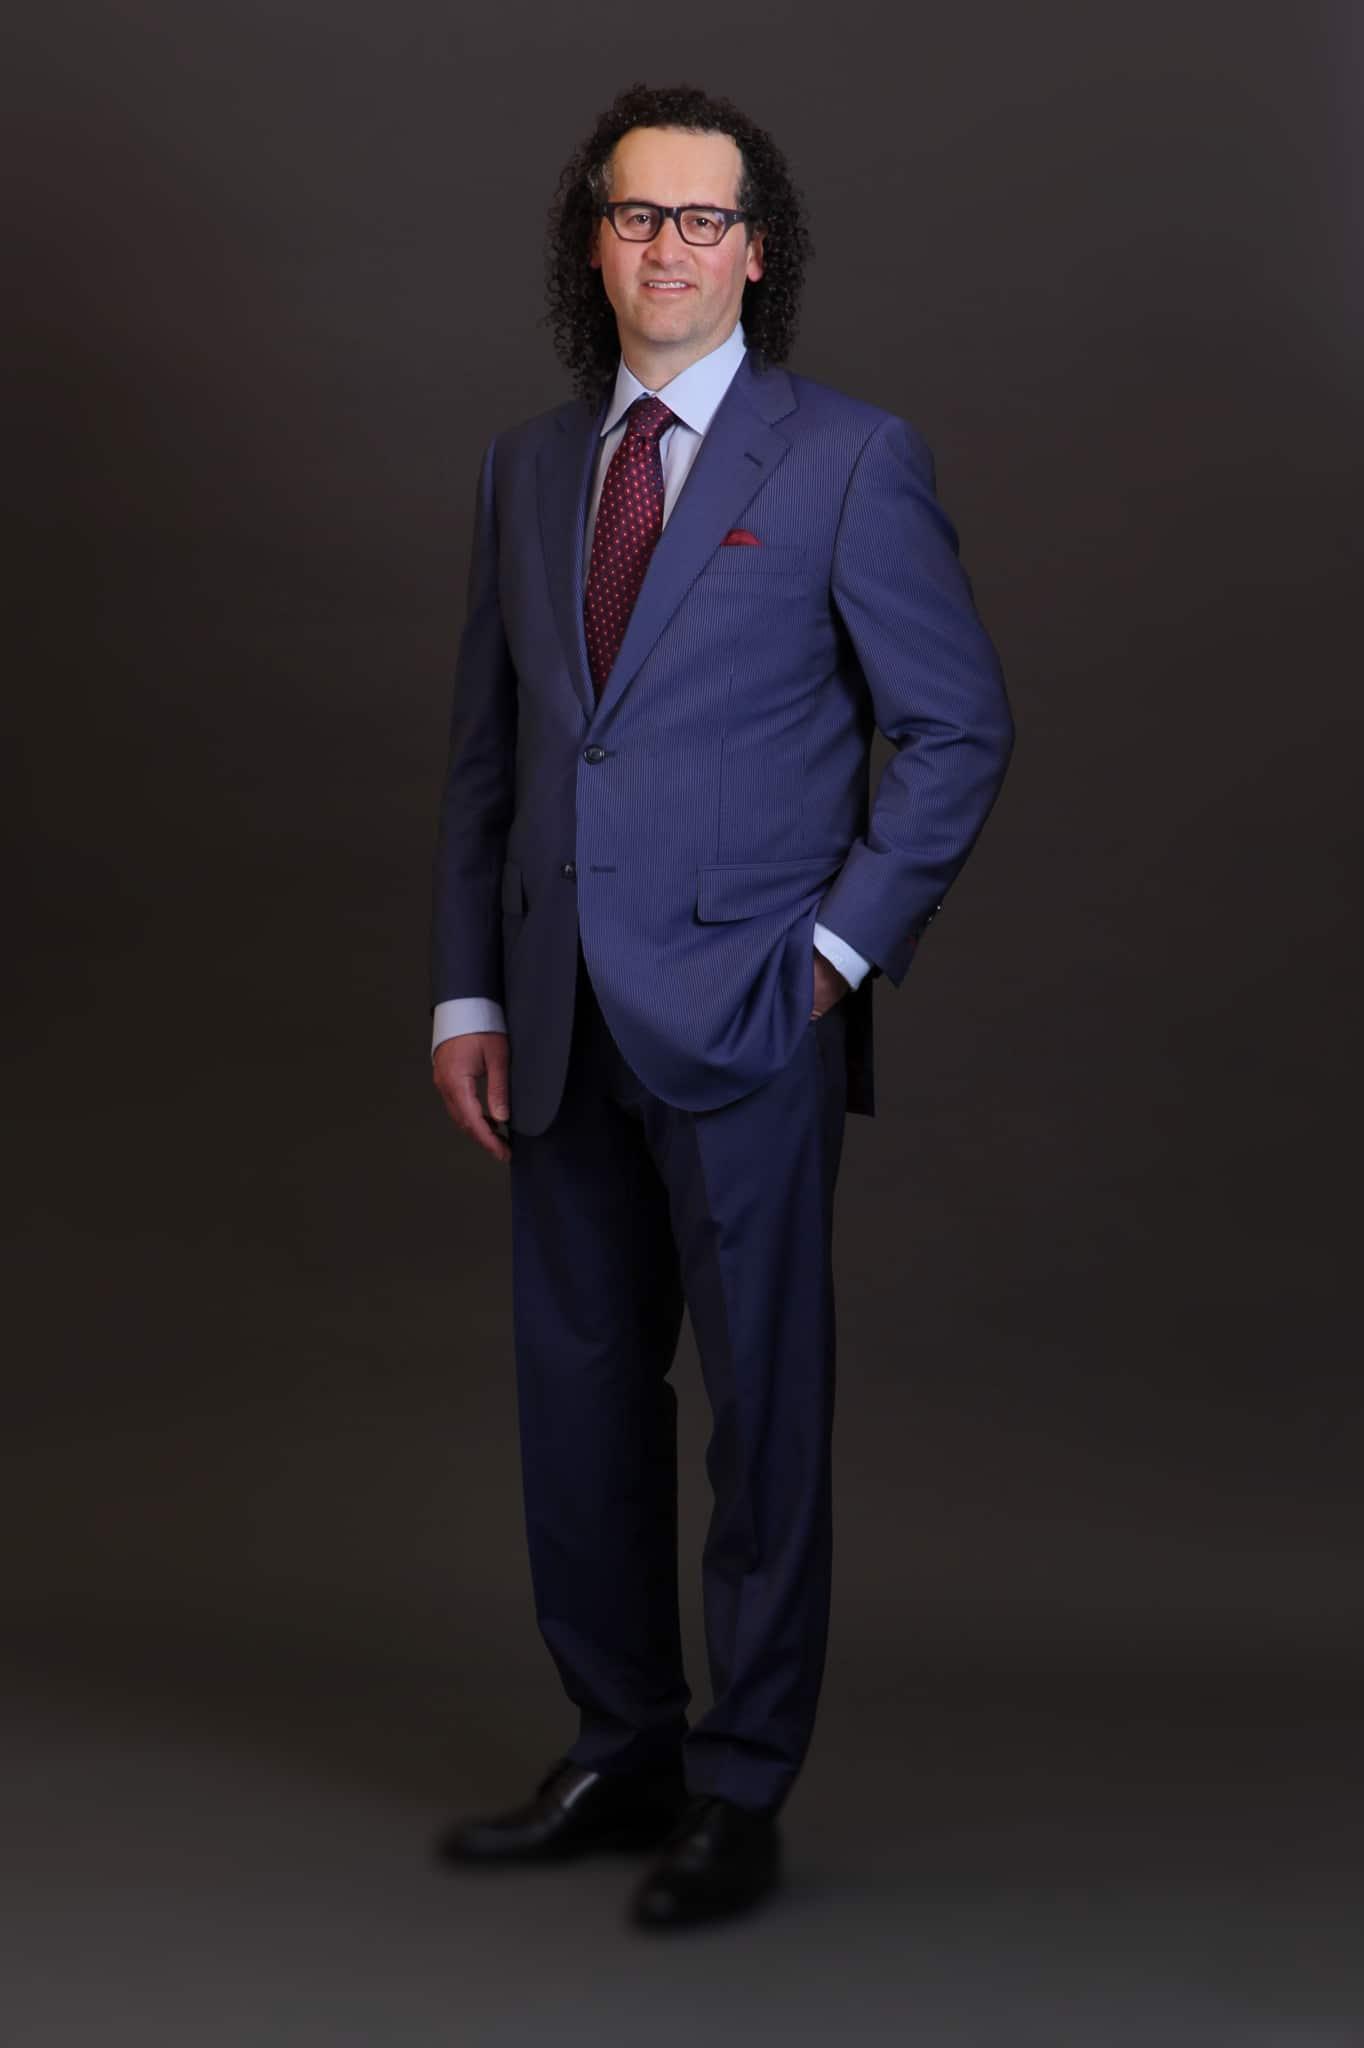 Dr Jon Mendelsohn